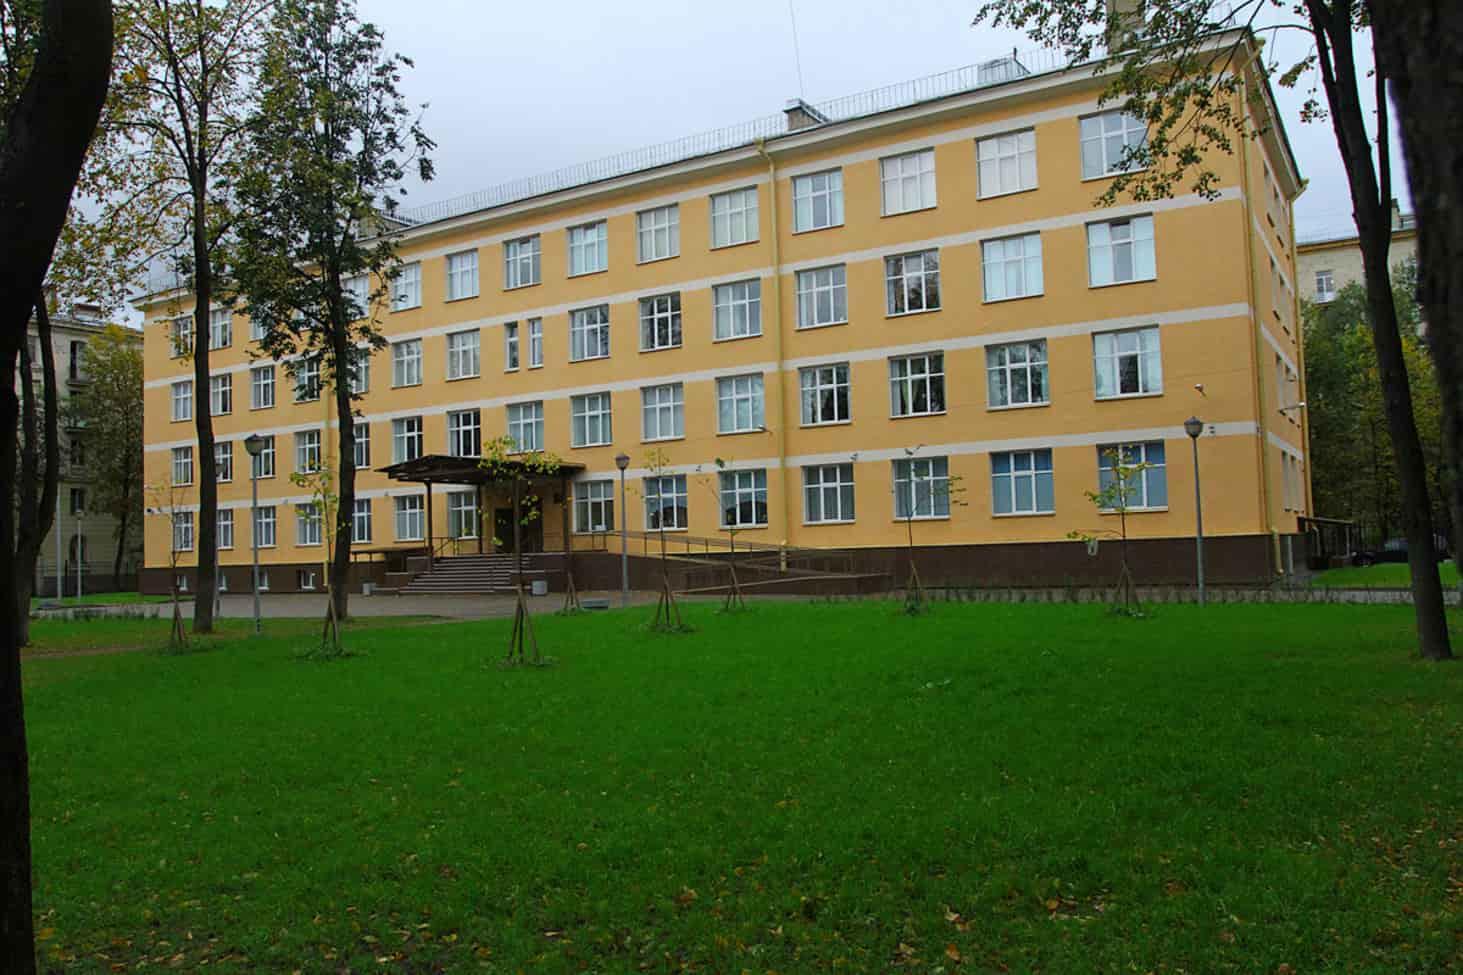 shkoly-v-peterburge-budut-rabotat-sem-dnej-v-nedelyu